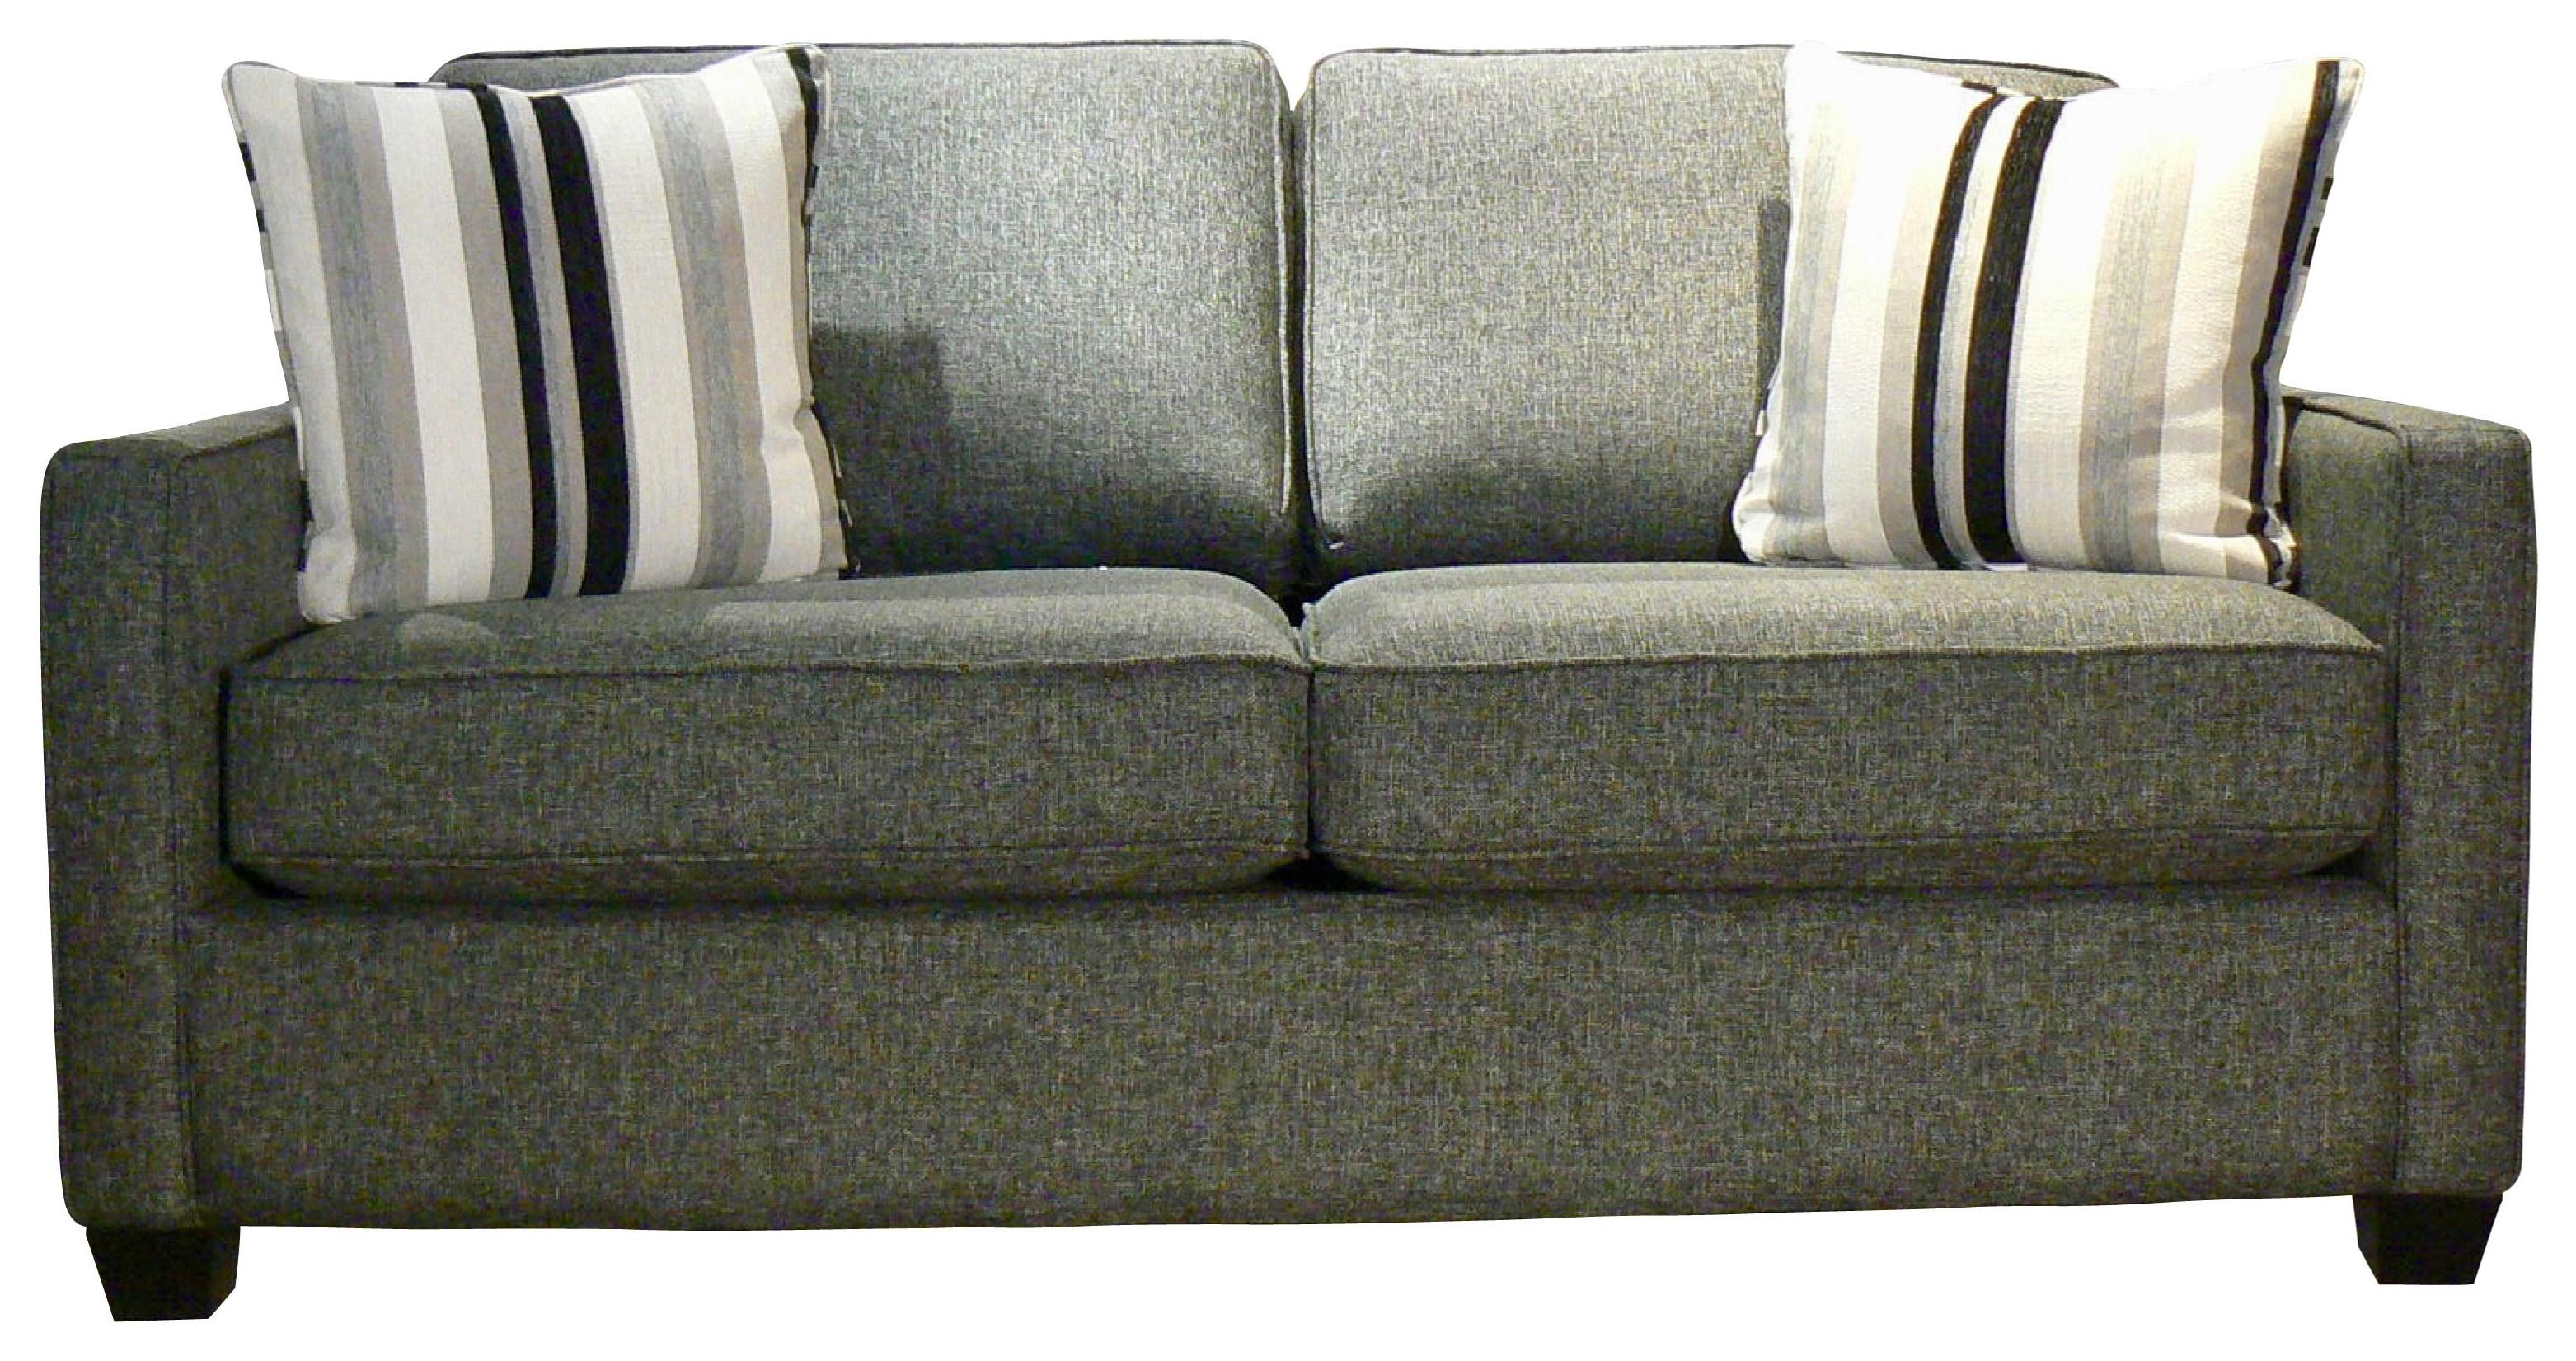 Double Sleeper Sofa Bed